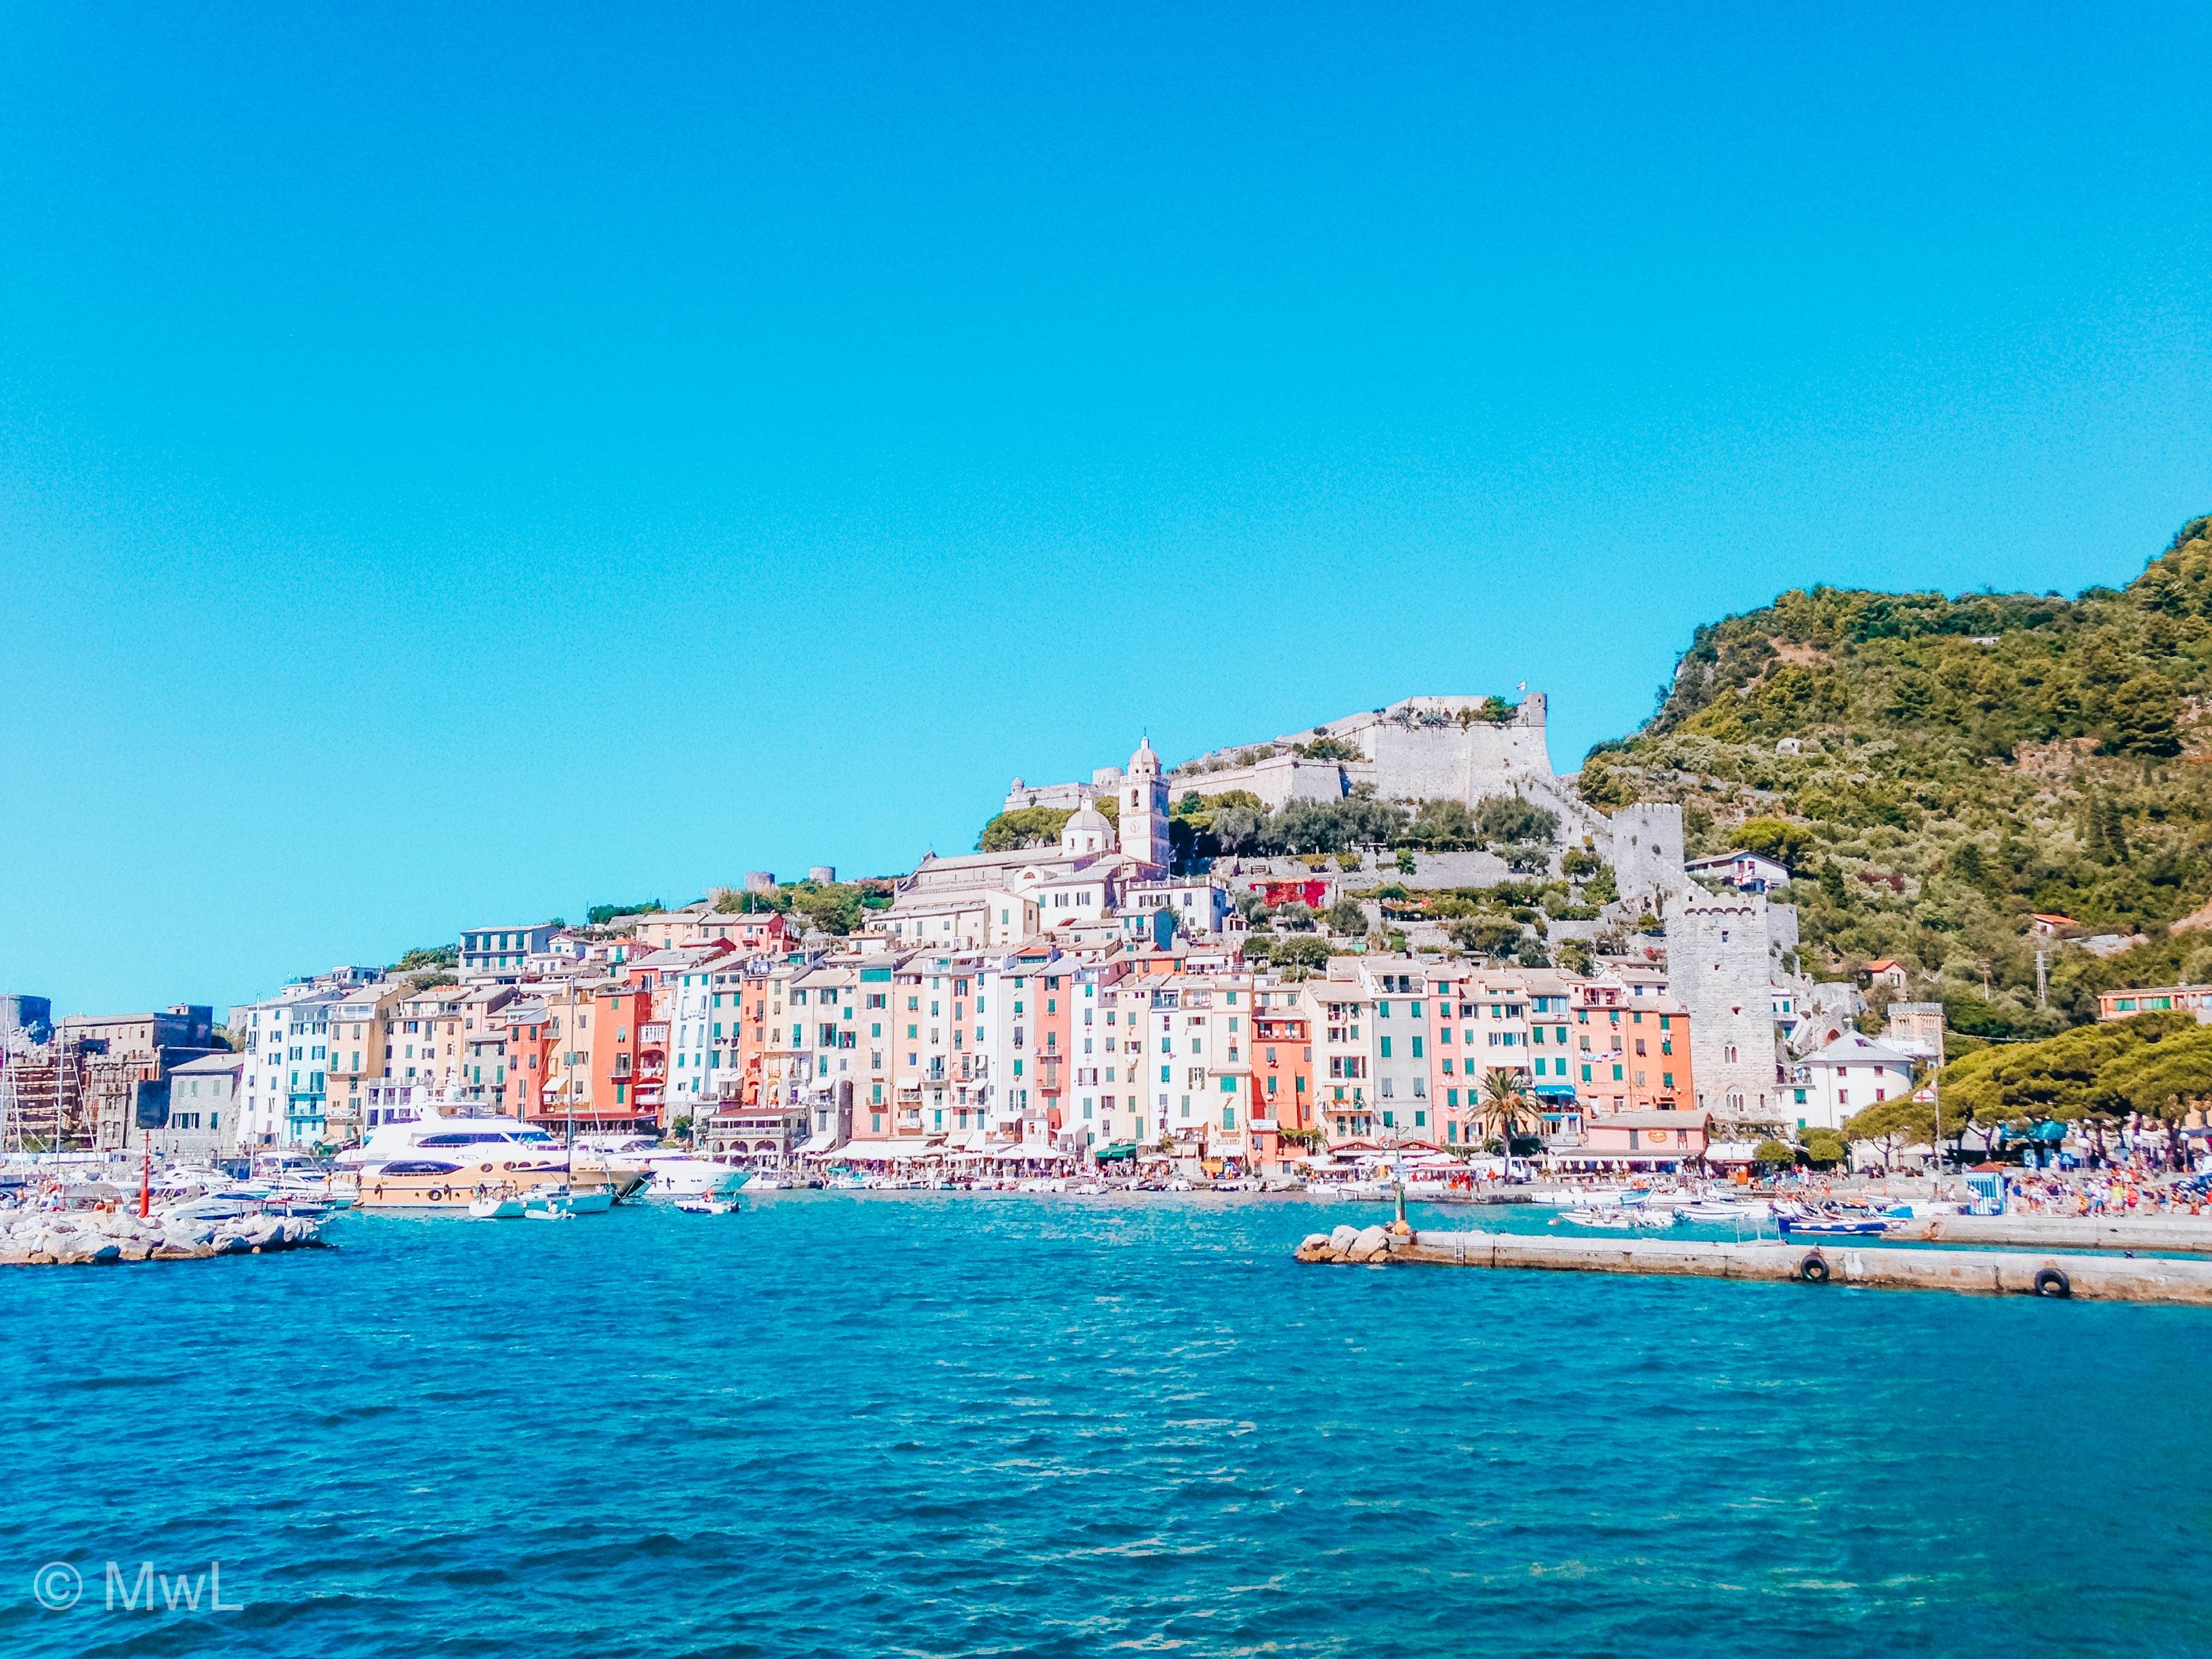 Voyage Portovenere Cinque Terre